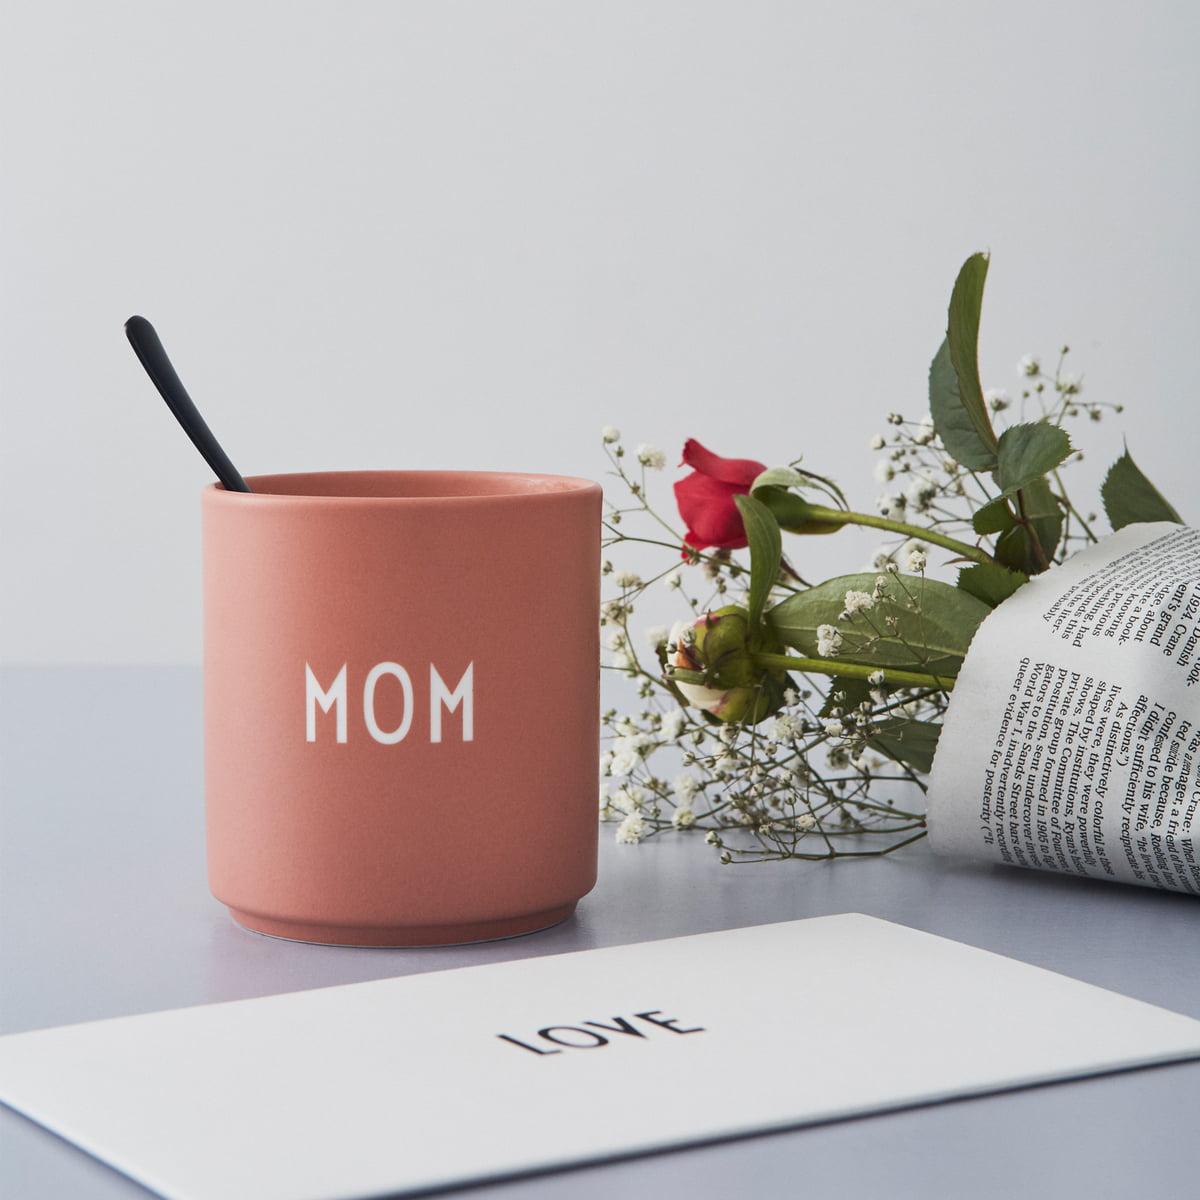 hot mom beschriftungen